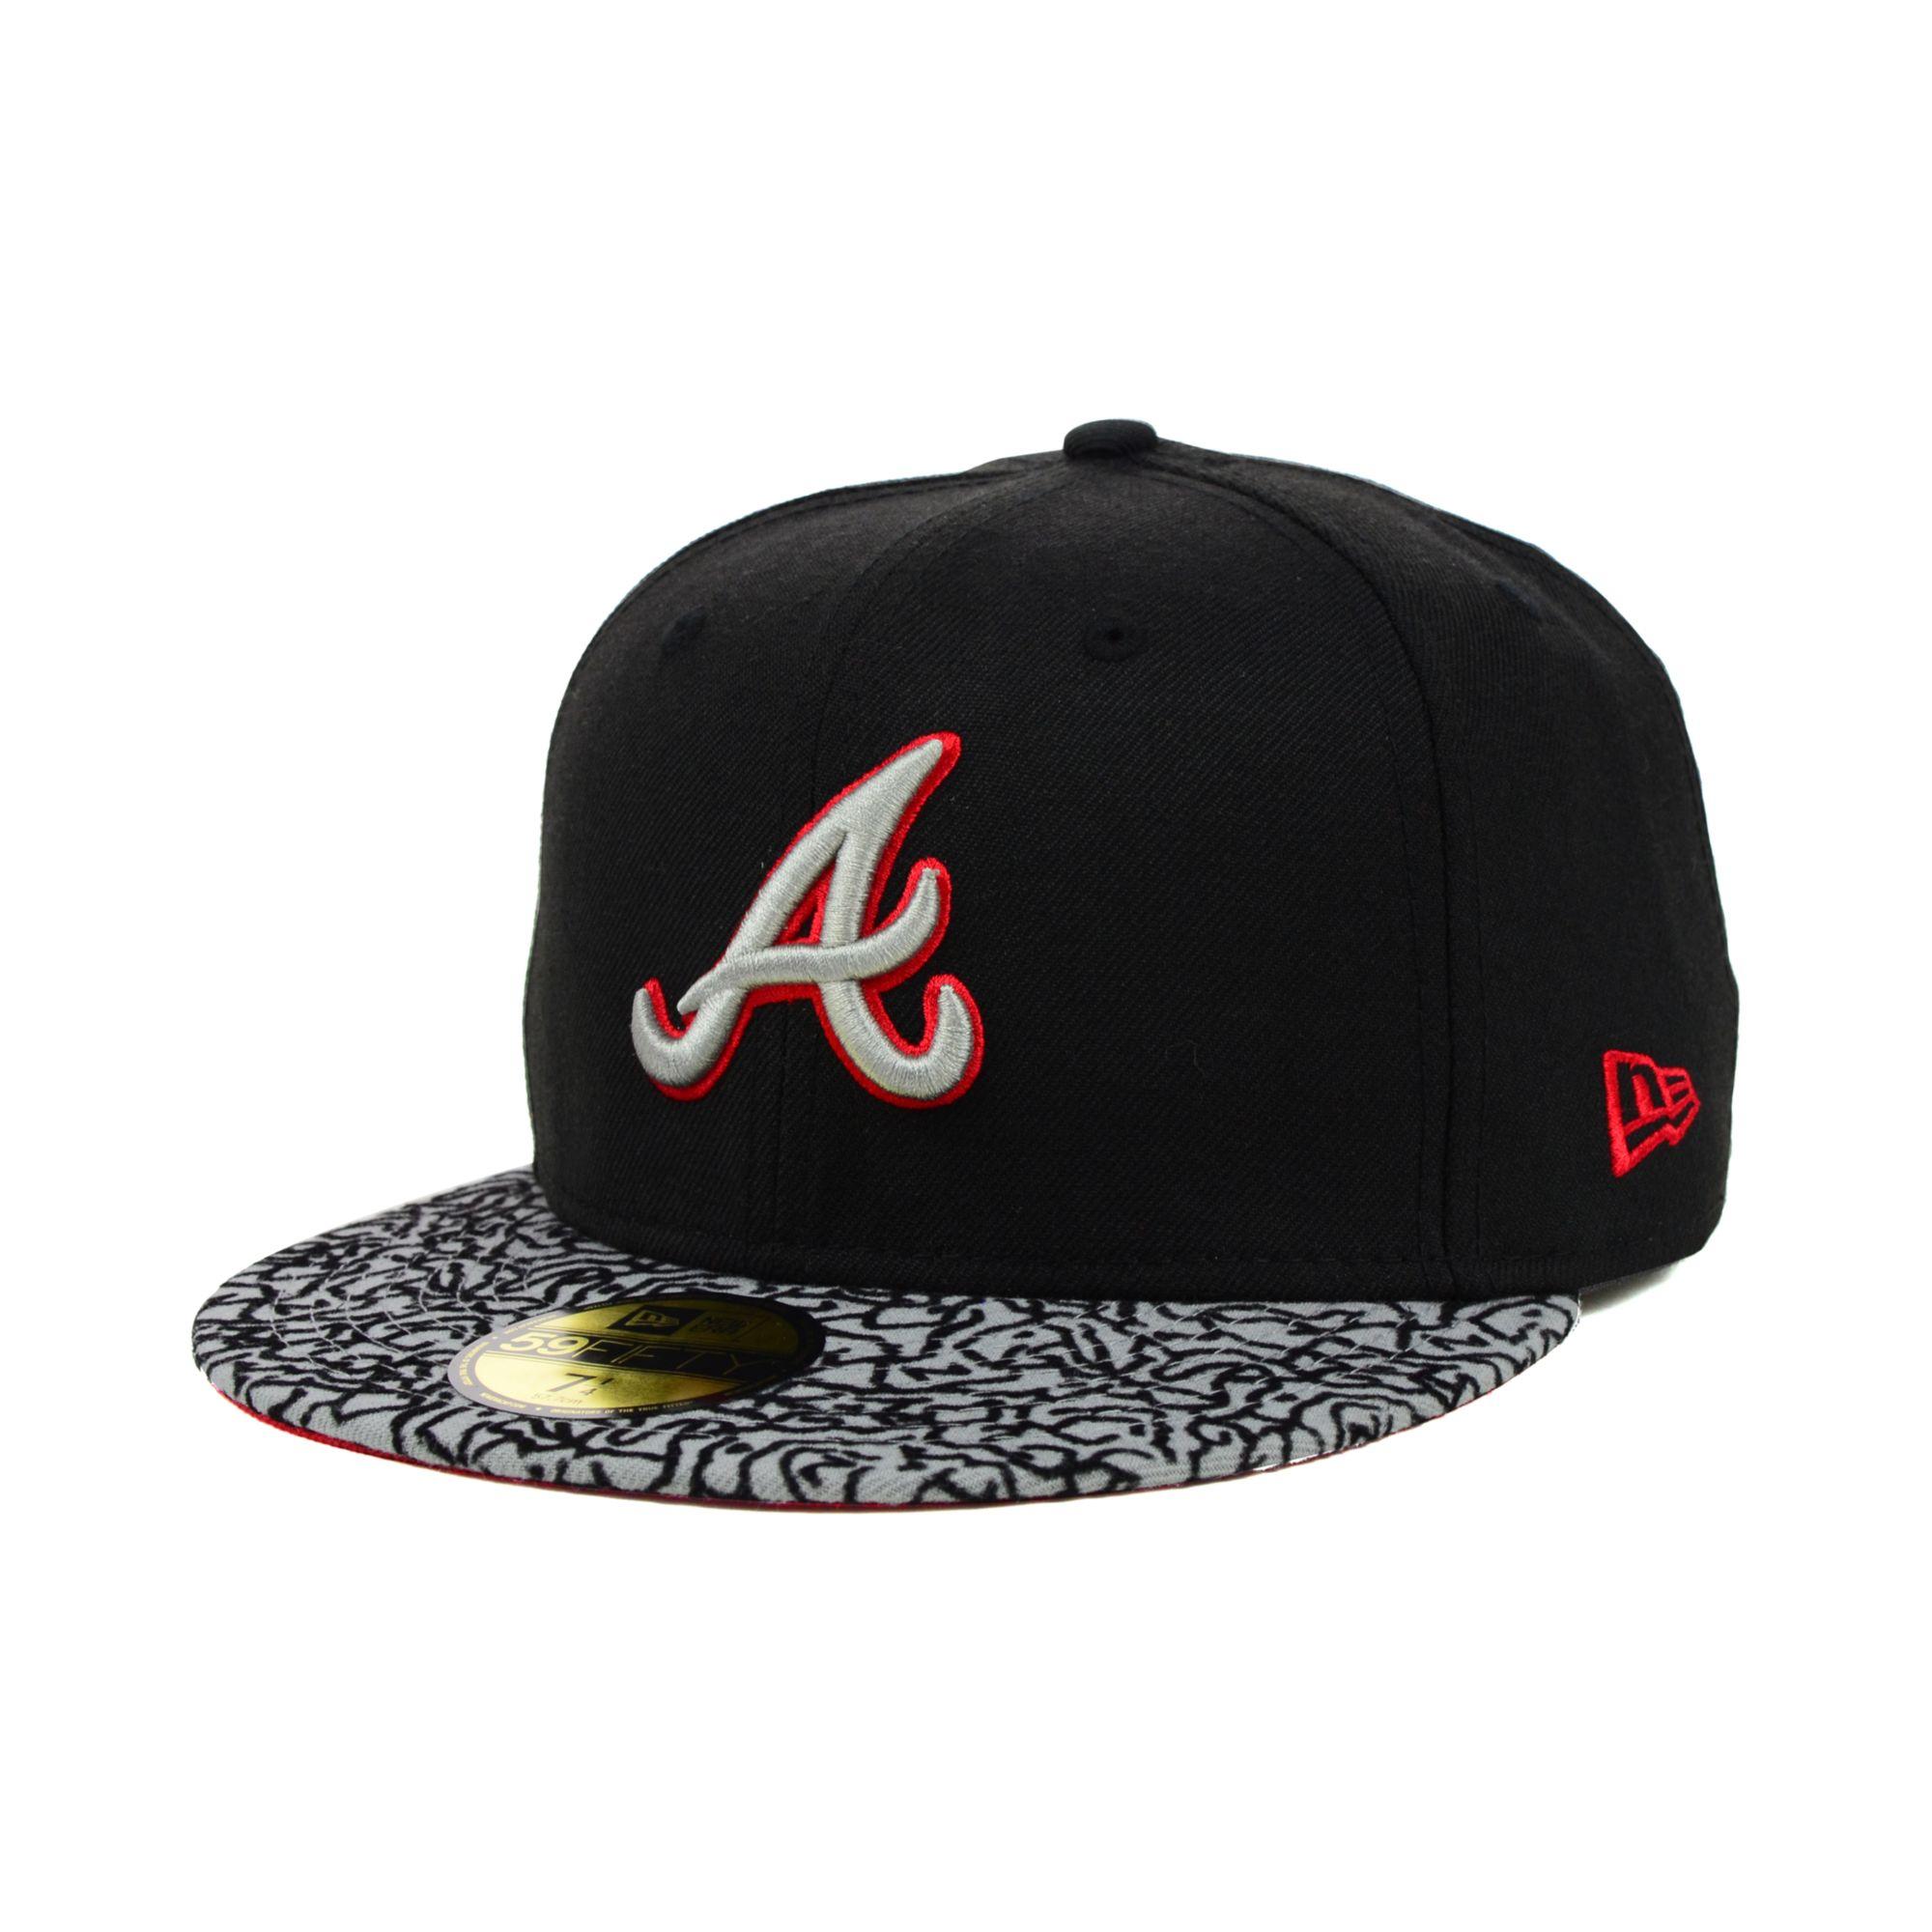 Braves Hats: New Era Atlanta Braves Eprint 59fifty Cap In Black For Men